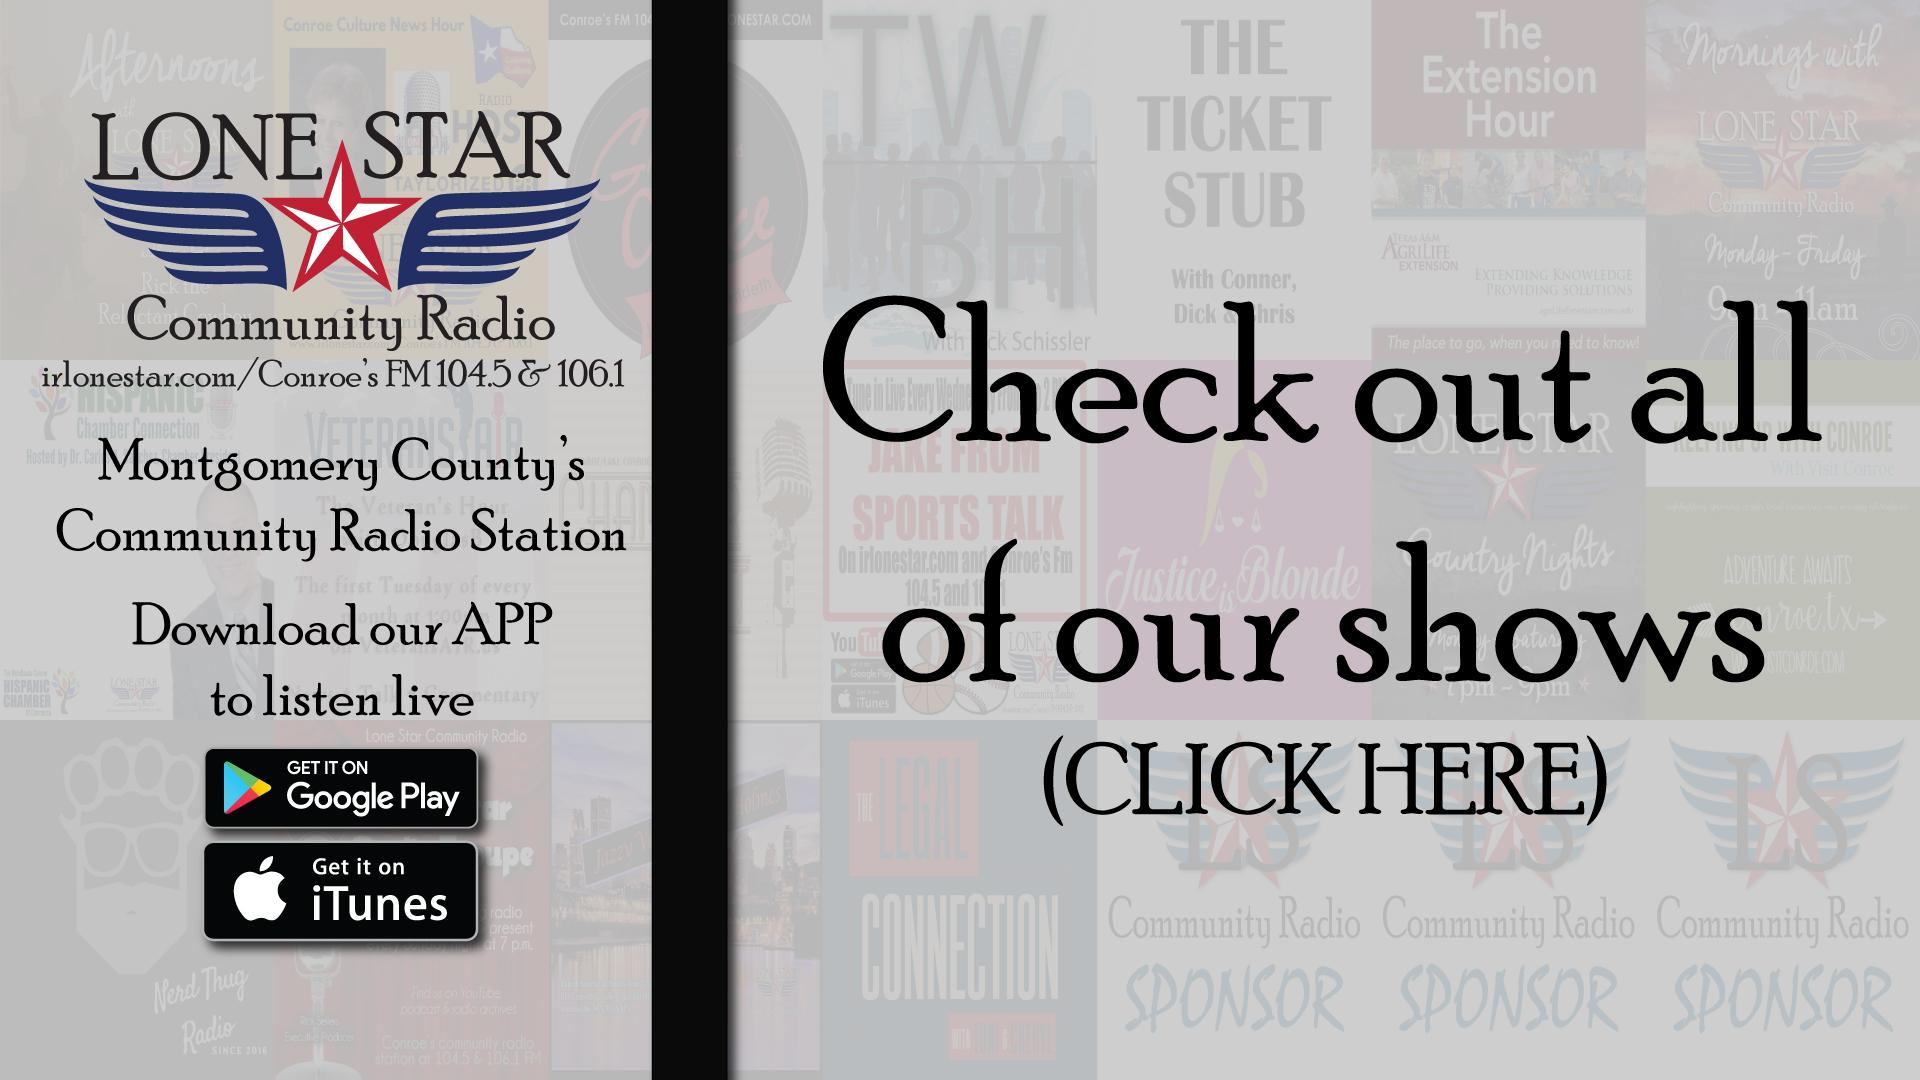 Lone Star Community Radio Station